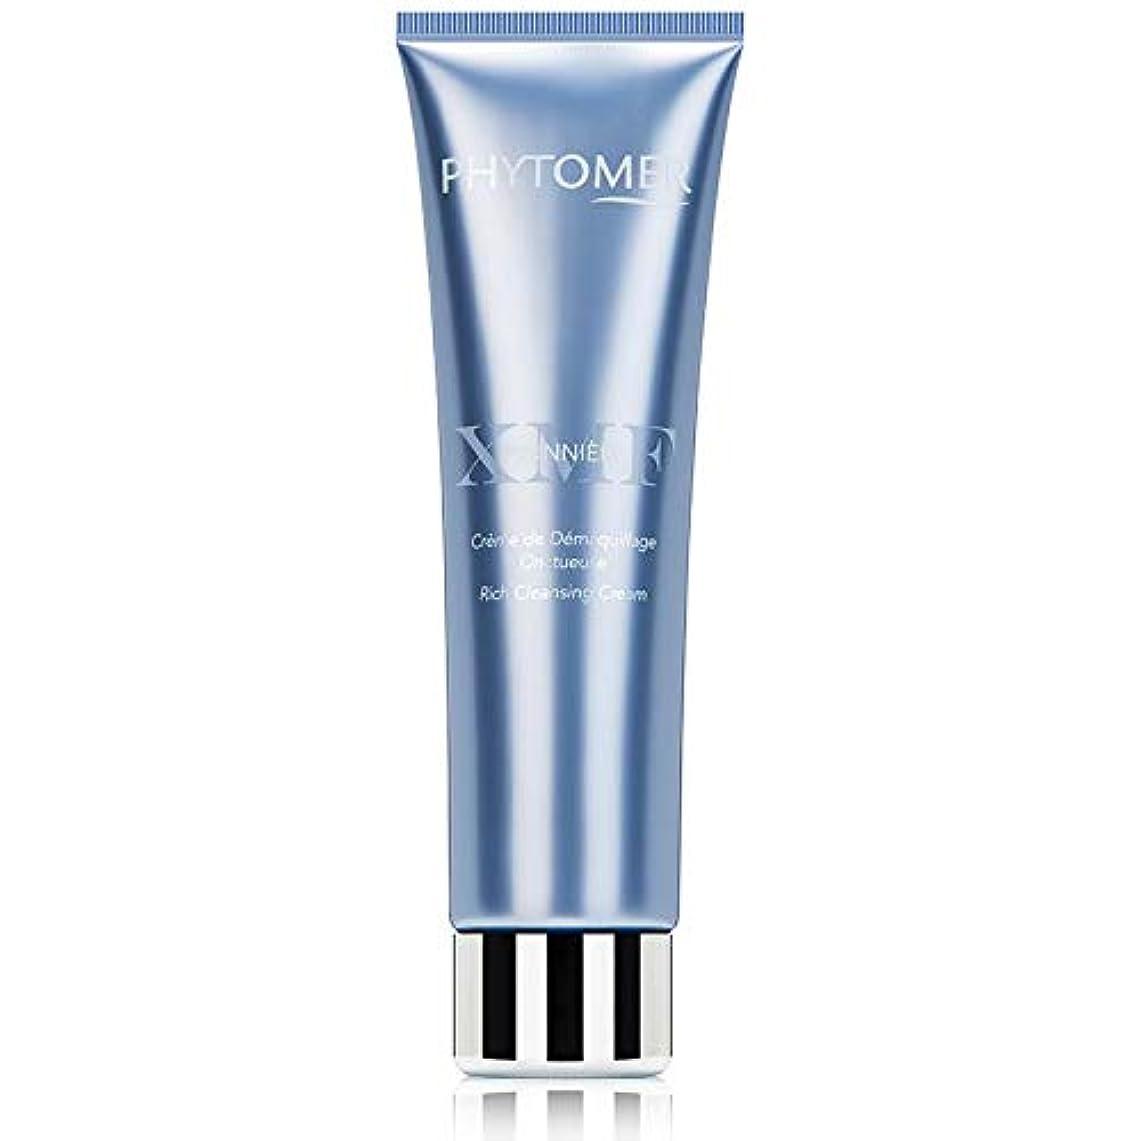 労苦読者比類なきPhytomer Pionniere XMF Rich Cleansing Cream 150ml並行輸入品